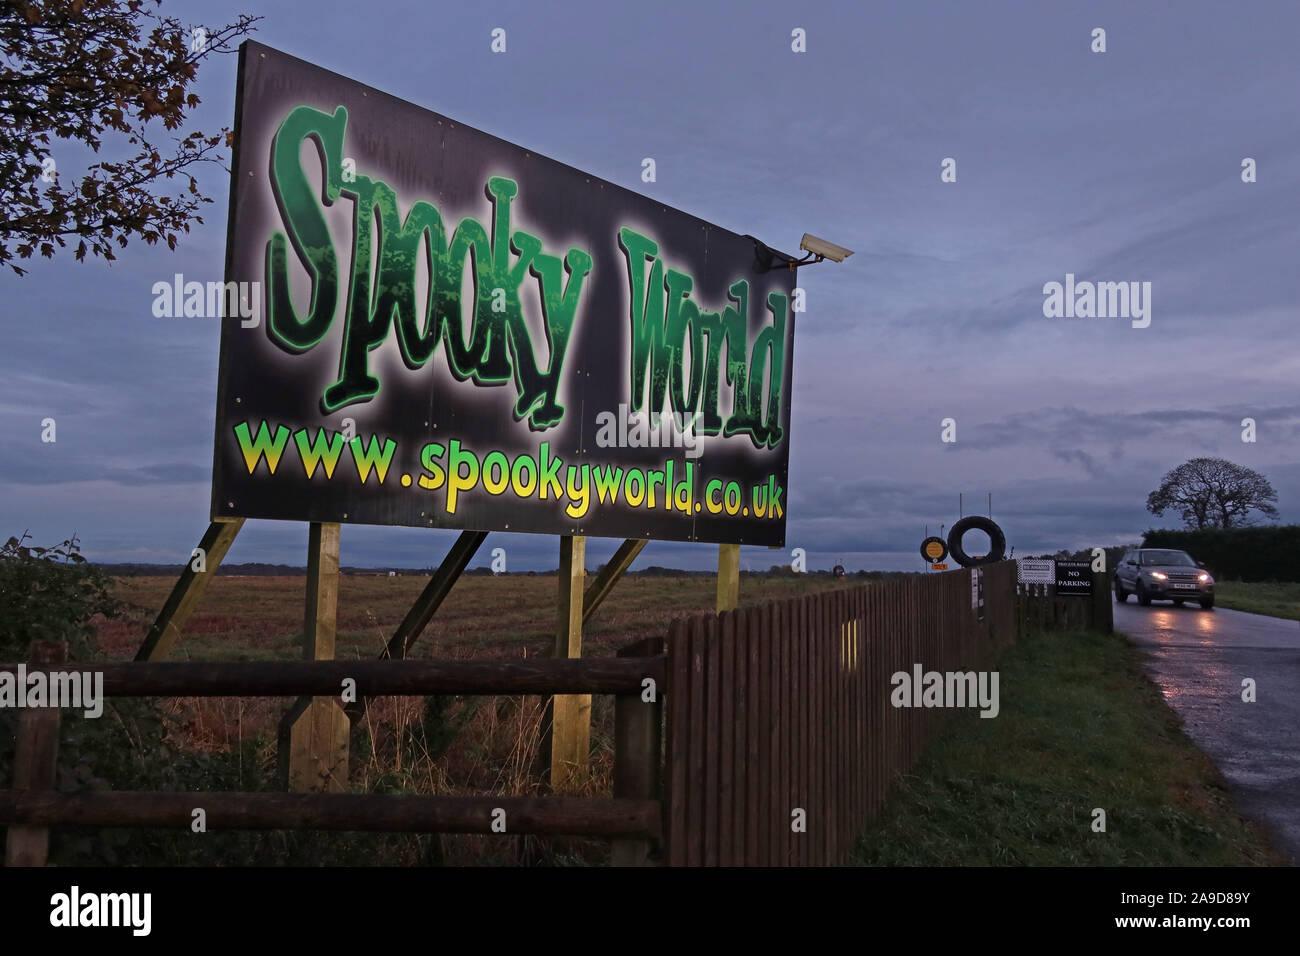 Dieses Stockfoto: Gruselige Welt unterzeichnen, touristische Attraktion, Abenteuer Bauernhof, Stretton Rd, Appleton Thorn, Warrington, England, UK, WA4 4NW - 2A9D89